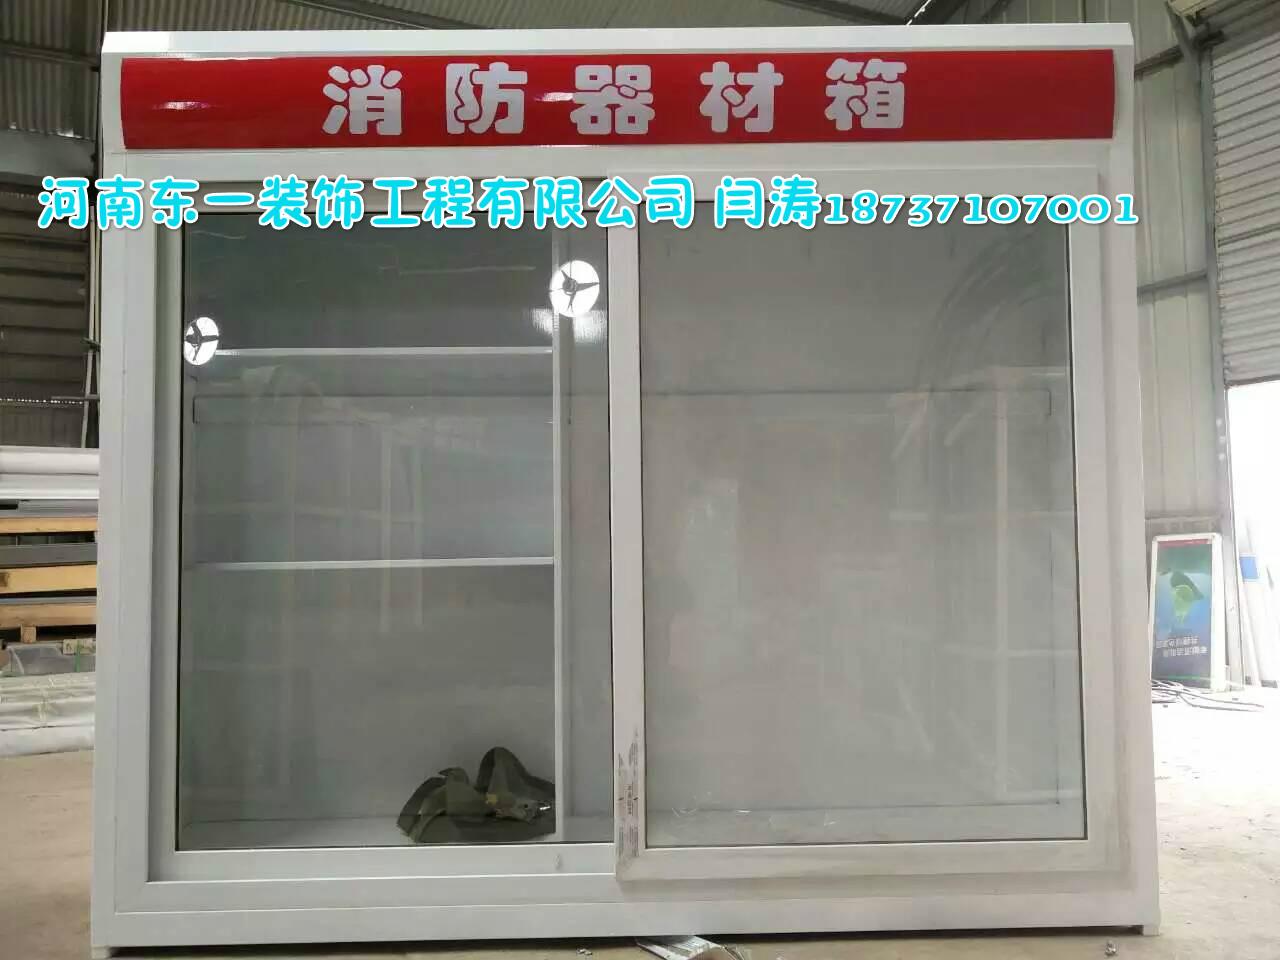 河南东一公司专业制作加油站消防器材箱,厂家直销,欢迎选购